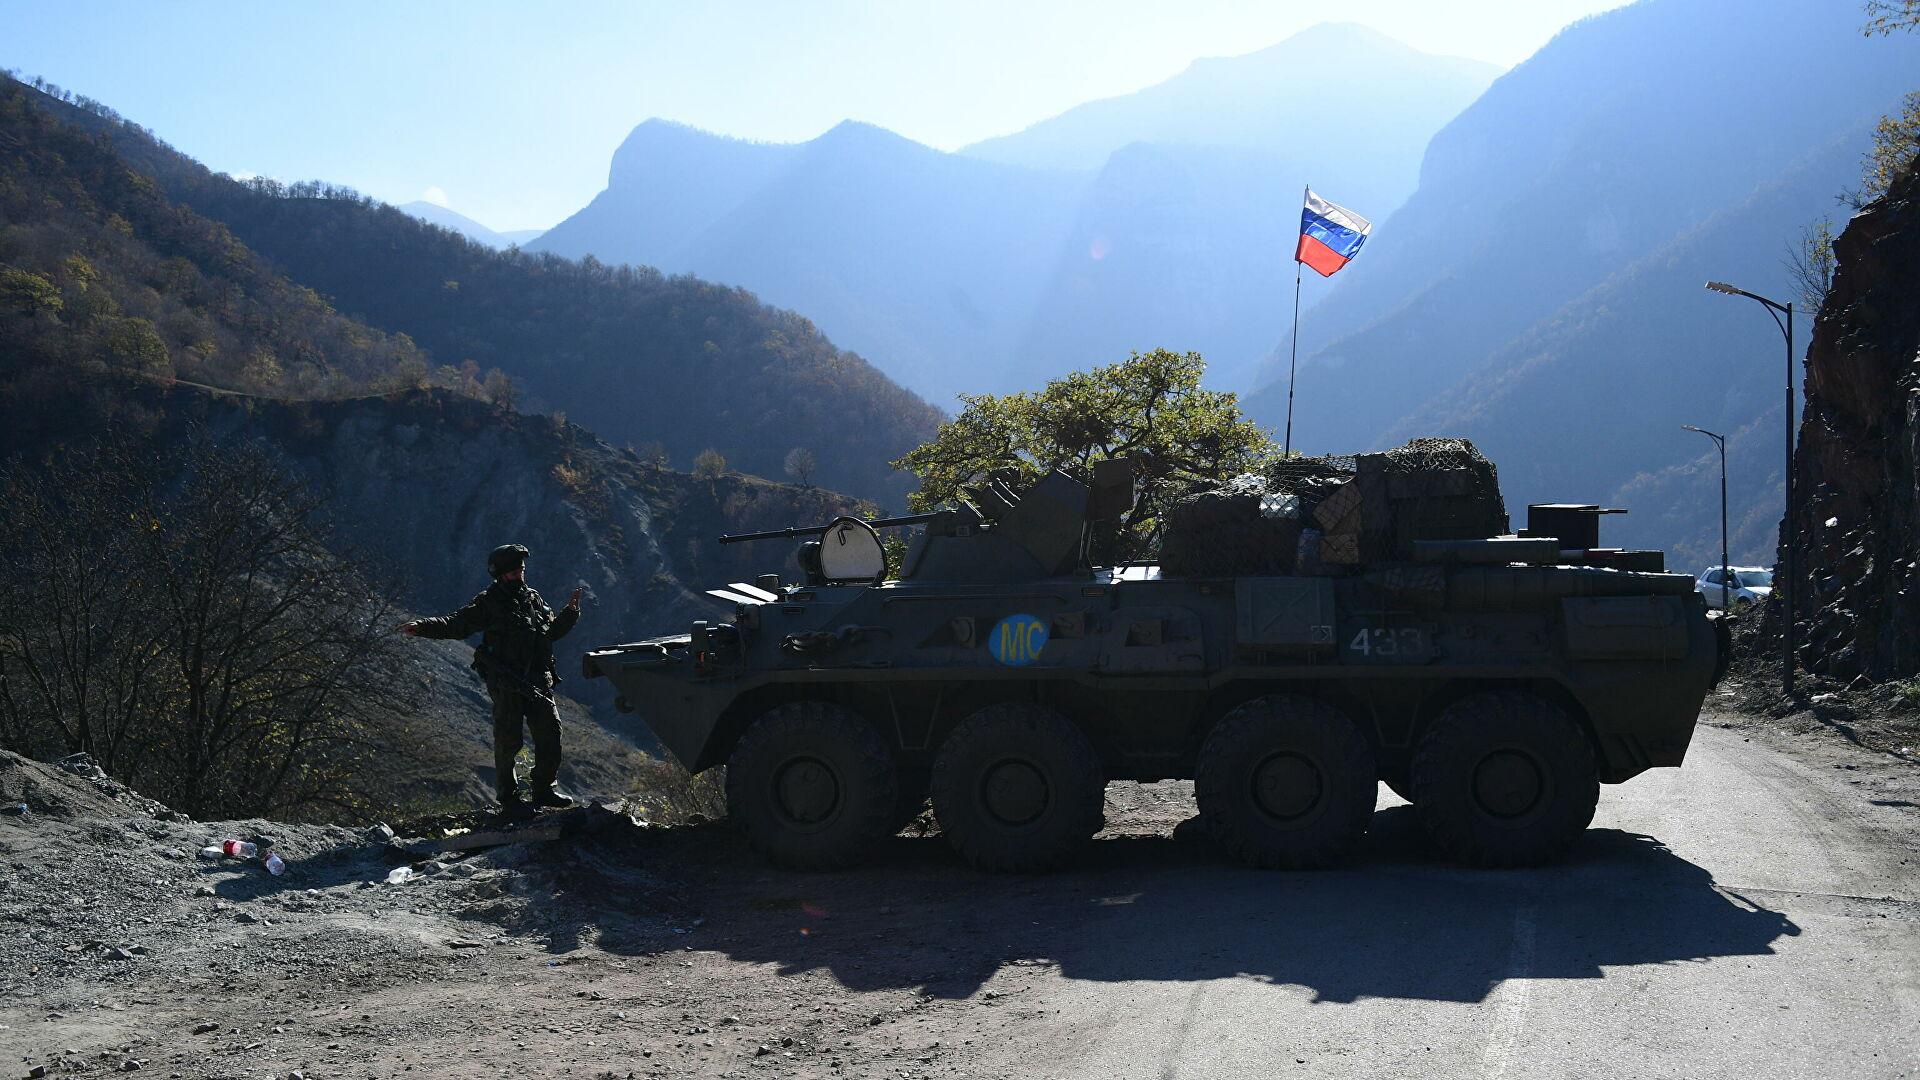 Могућ нови споразум у хуманитарној сфери Русије, Азербејџана и Јерменије